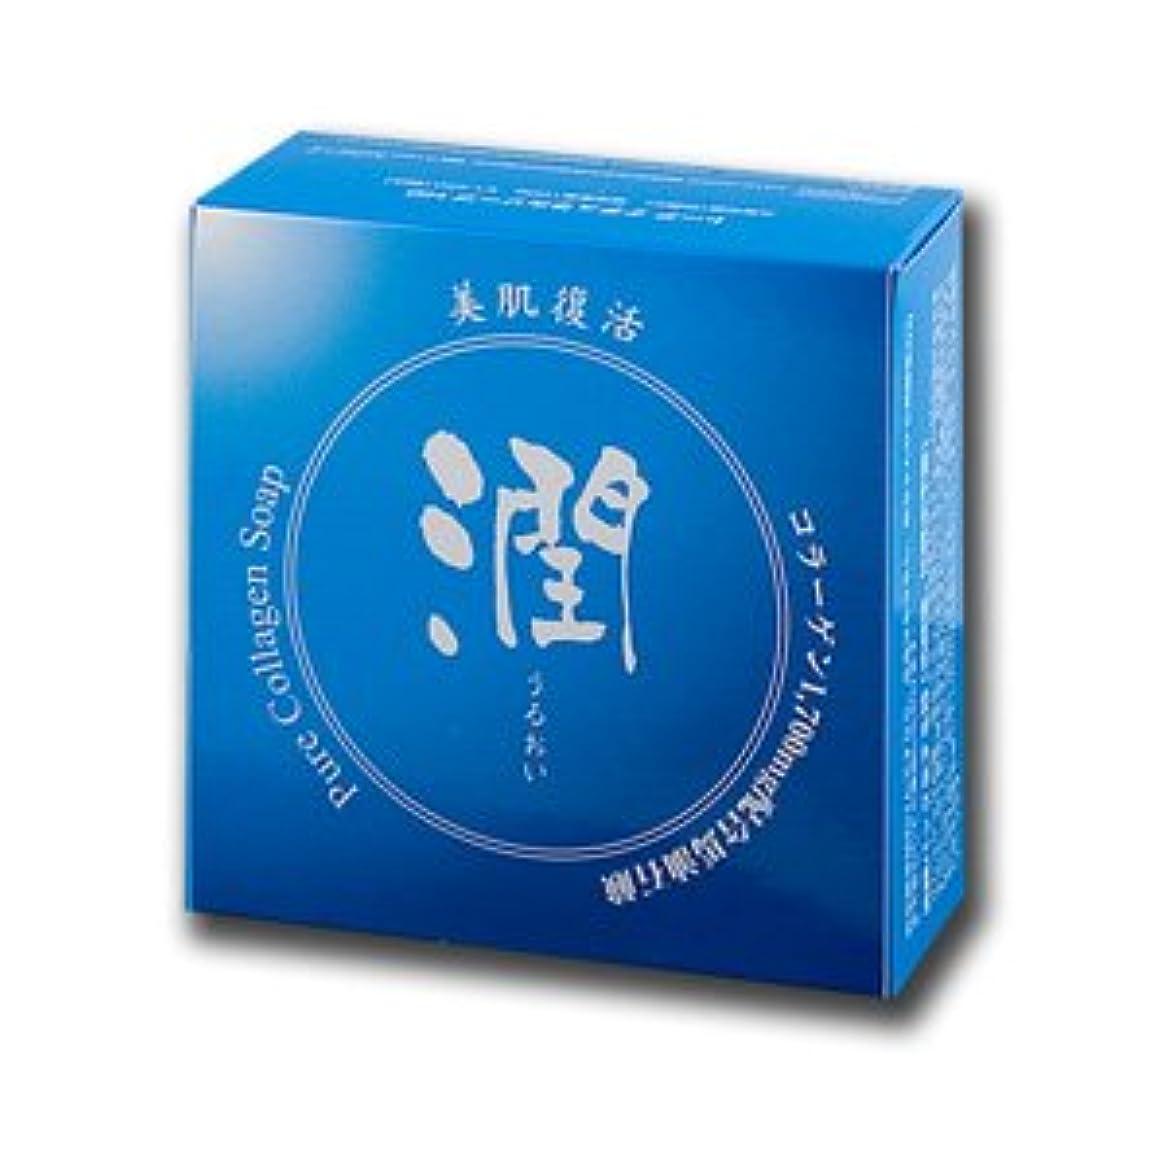 コラーゲン馬油石鹸 潤 100g (#800410) ×6個セット